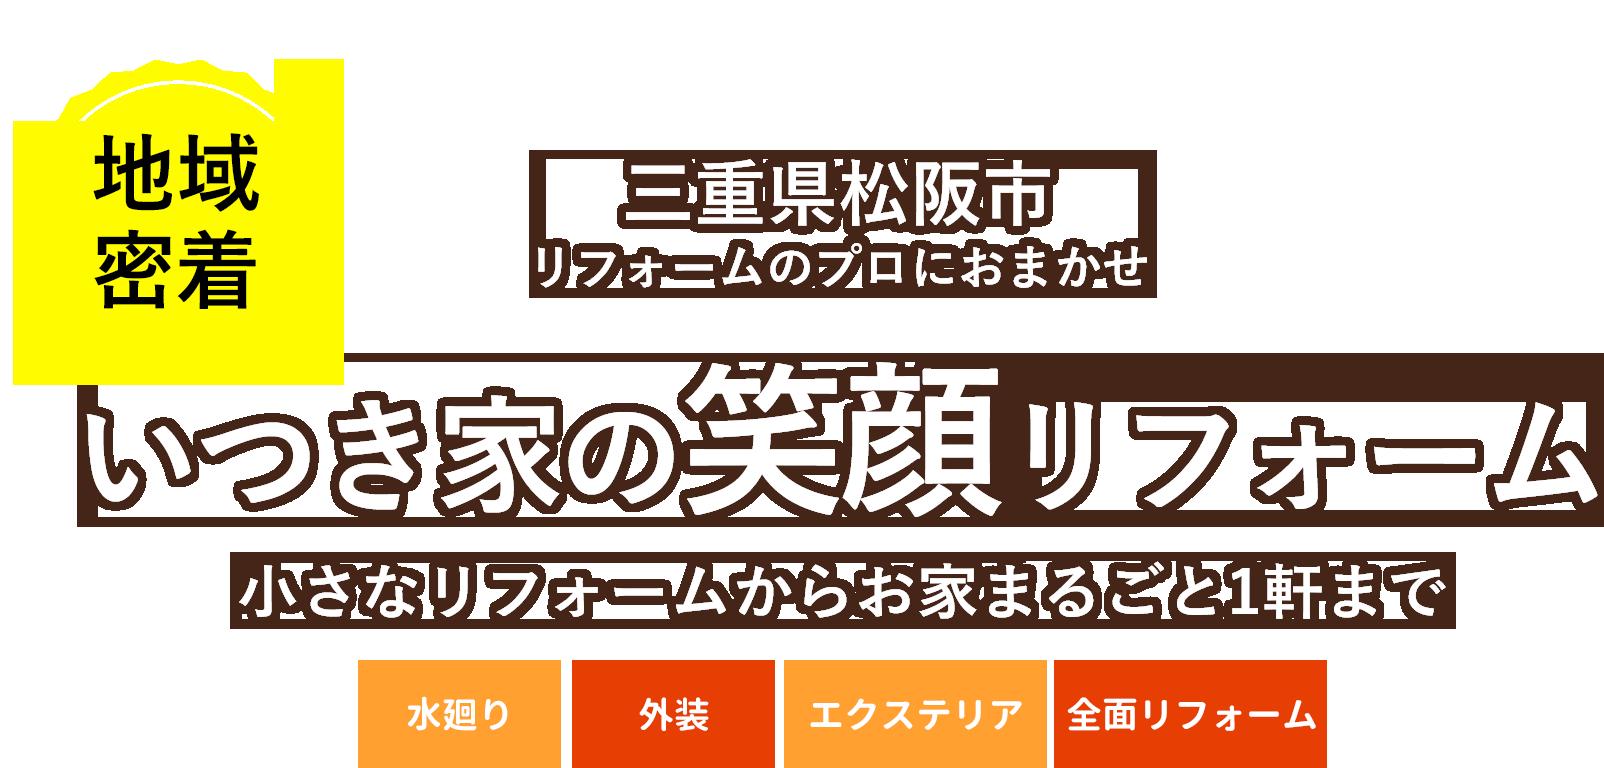 三重県松阪市 地域密着 いつき屋の笑顔リフォーム 小さなリフォームからお家まるごと1軒まで